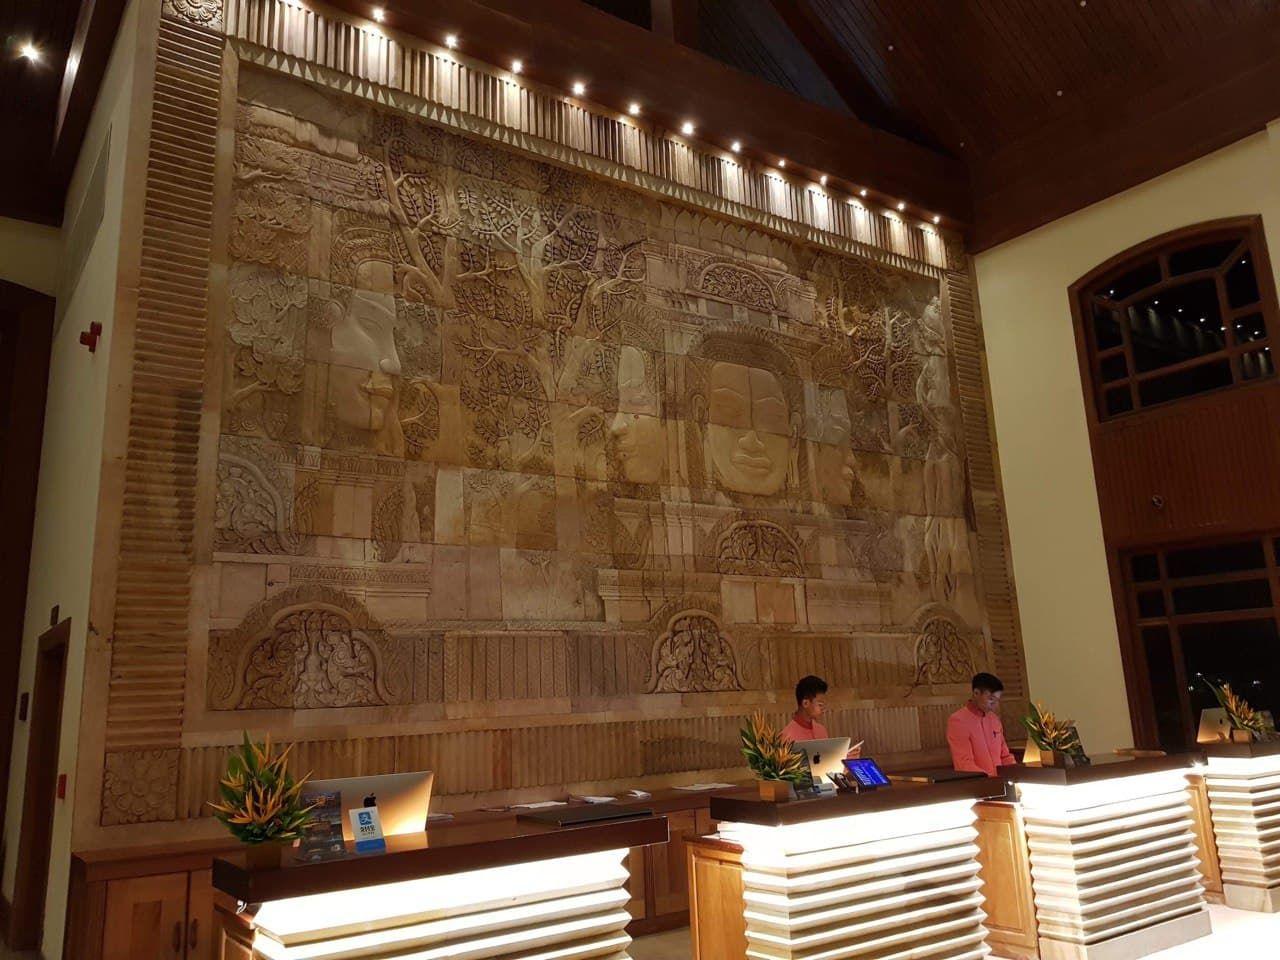 Reception of Sokha Angkor Hotel, Siem Reap, Cambodia